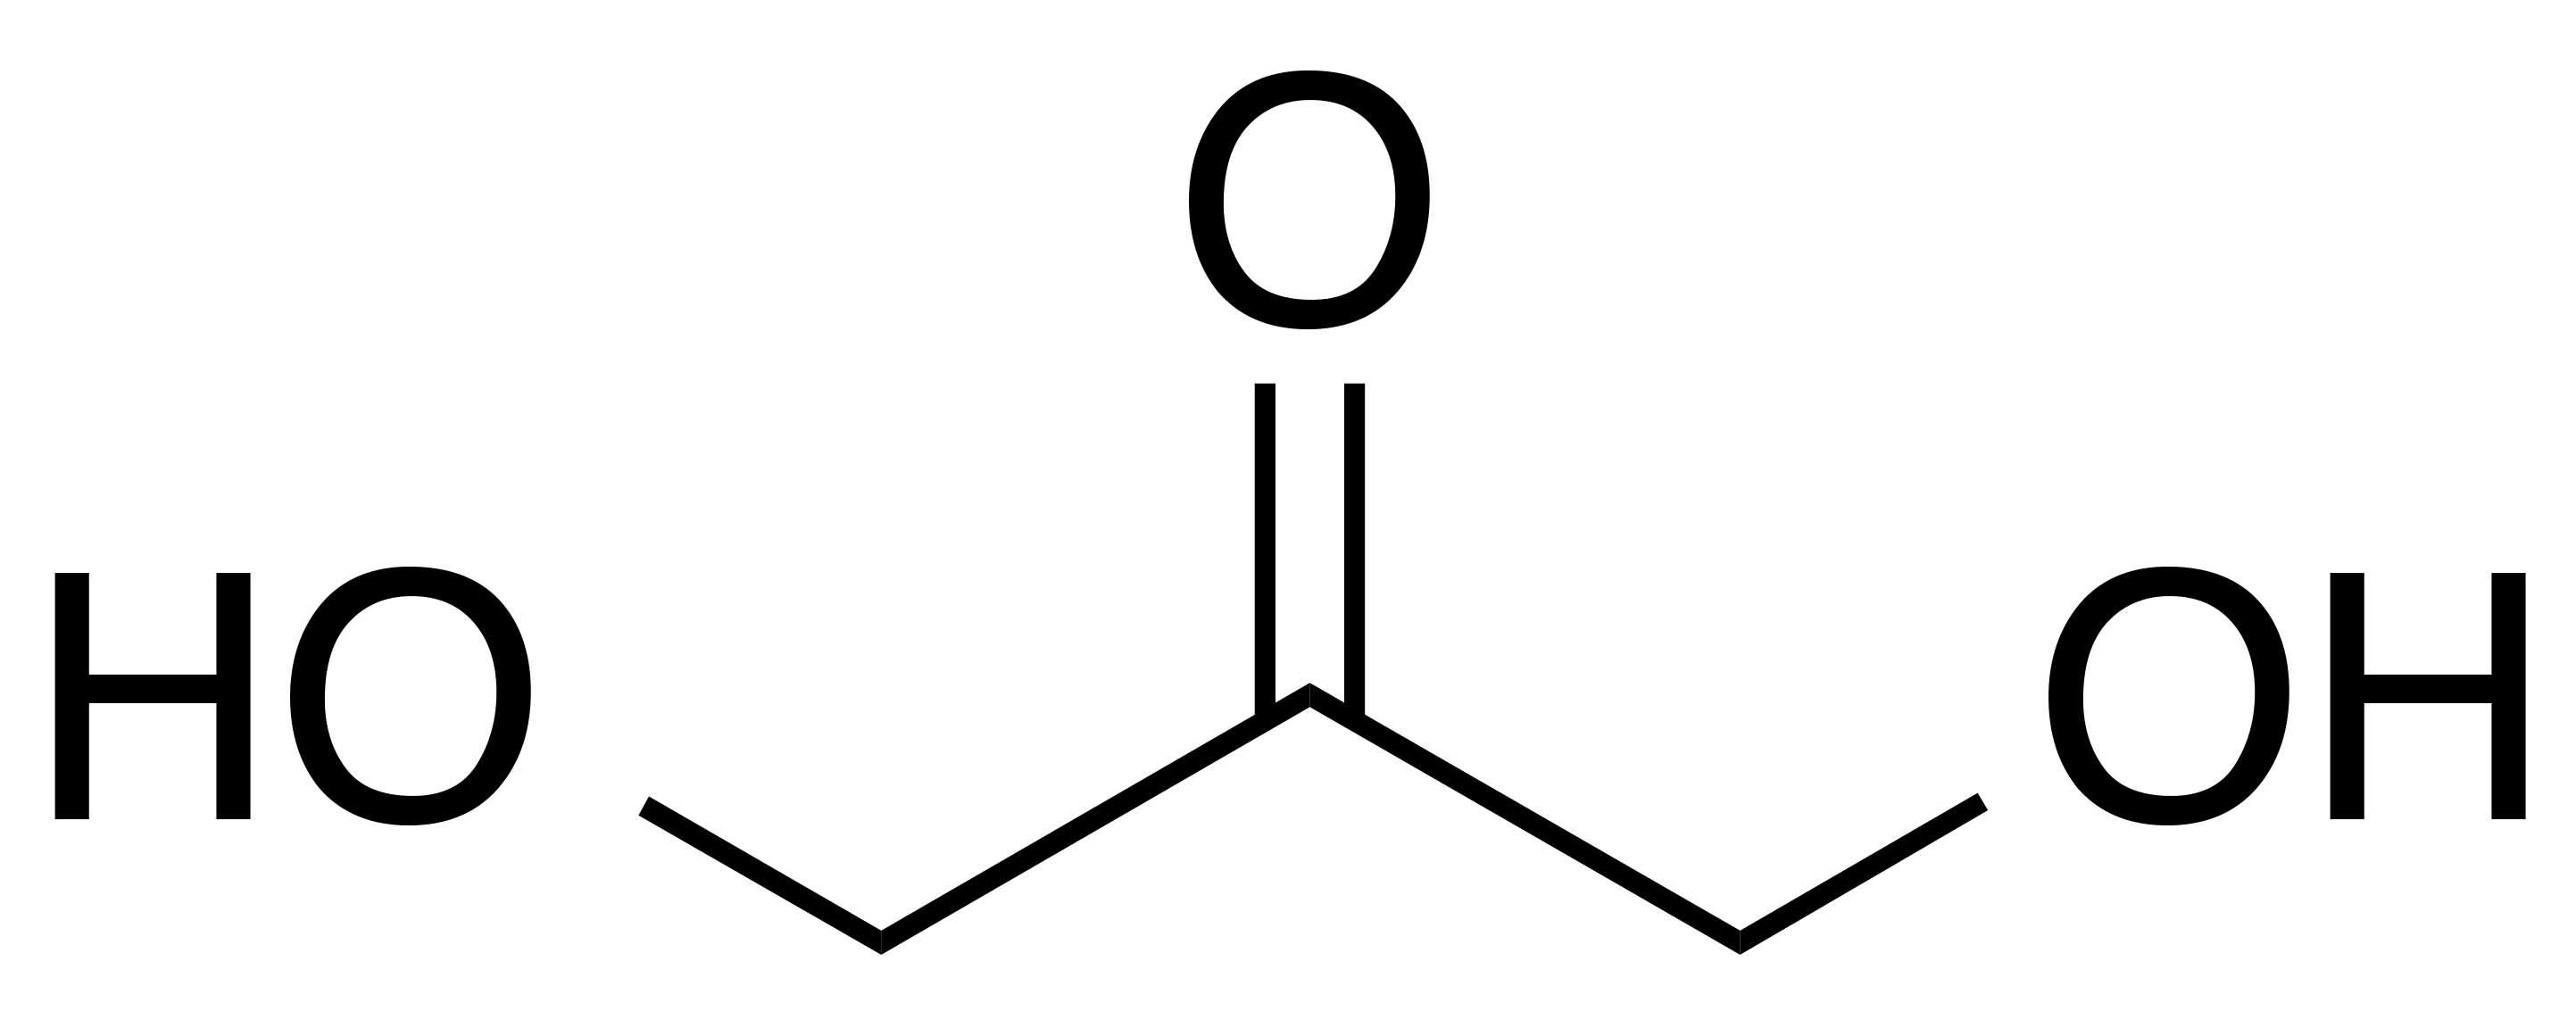 Dihydroxyacetone